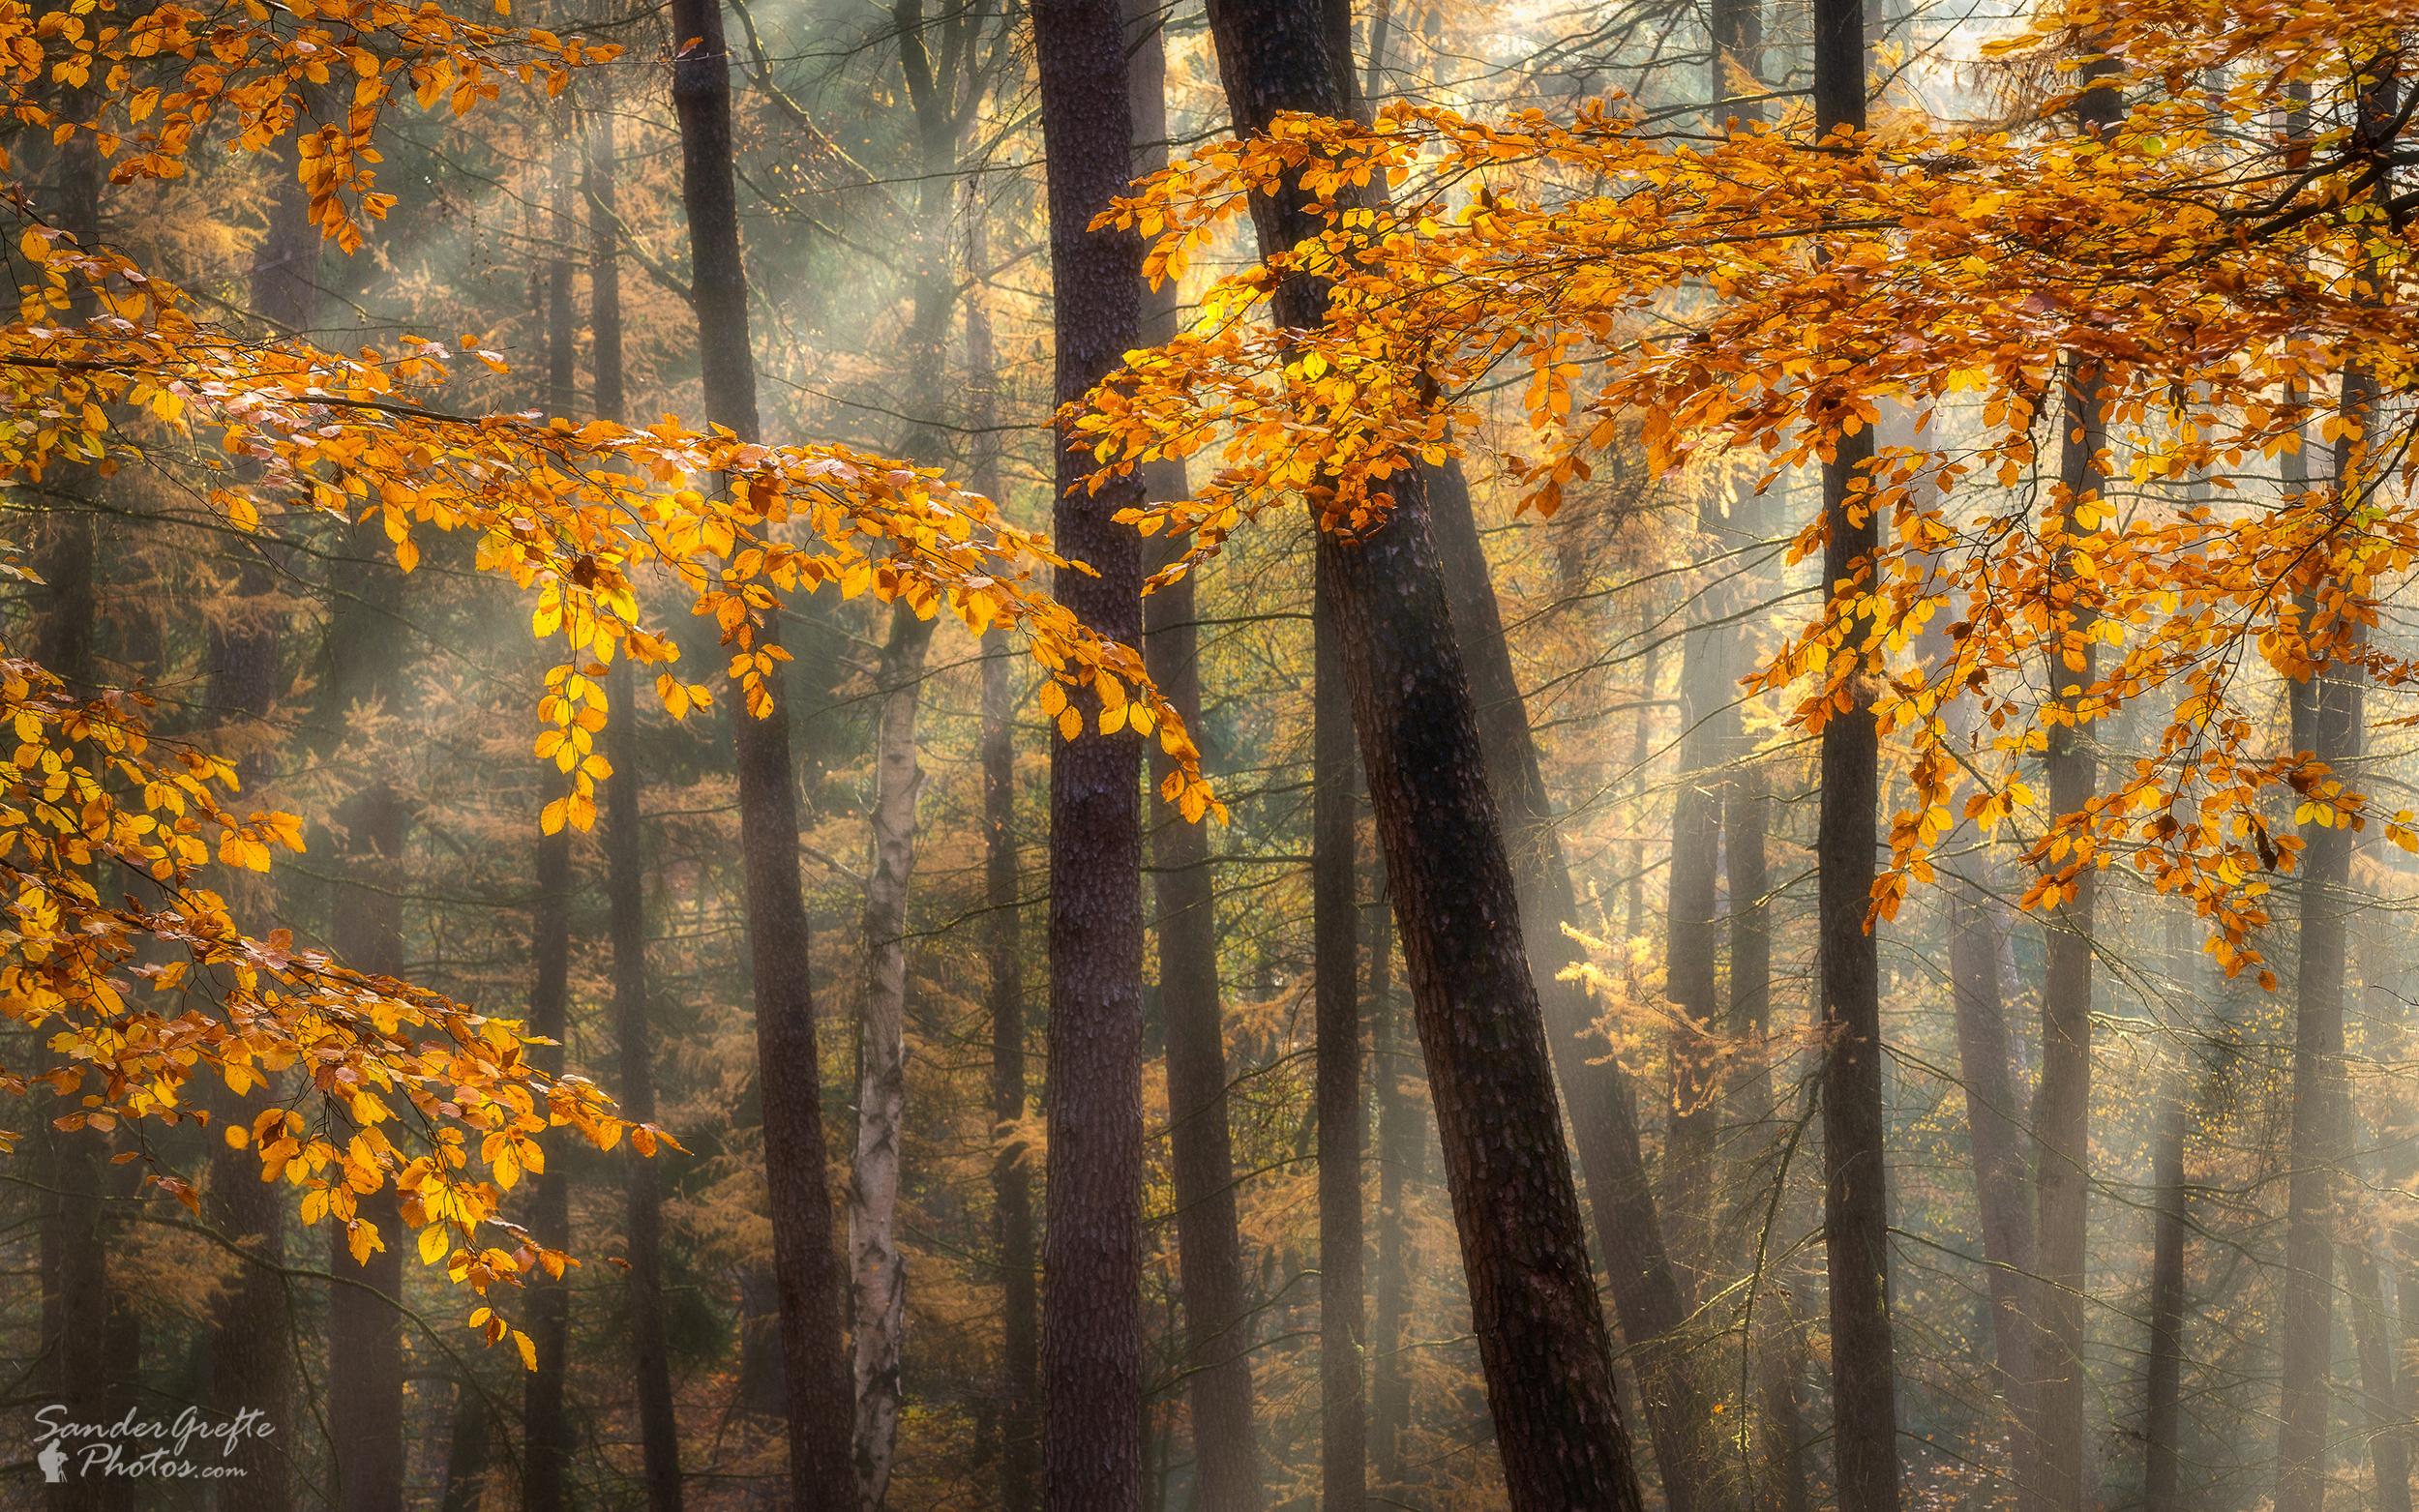 Een gordijn van herfstkleuren (120mm, iso 100, f11, 1/13s)